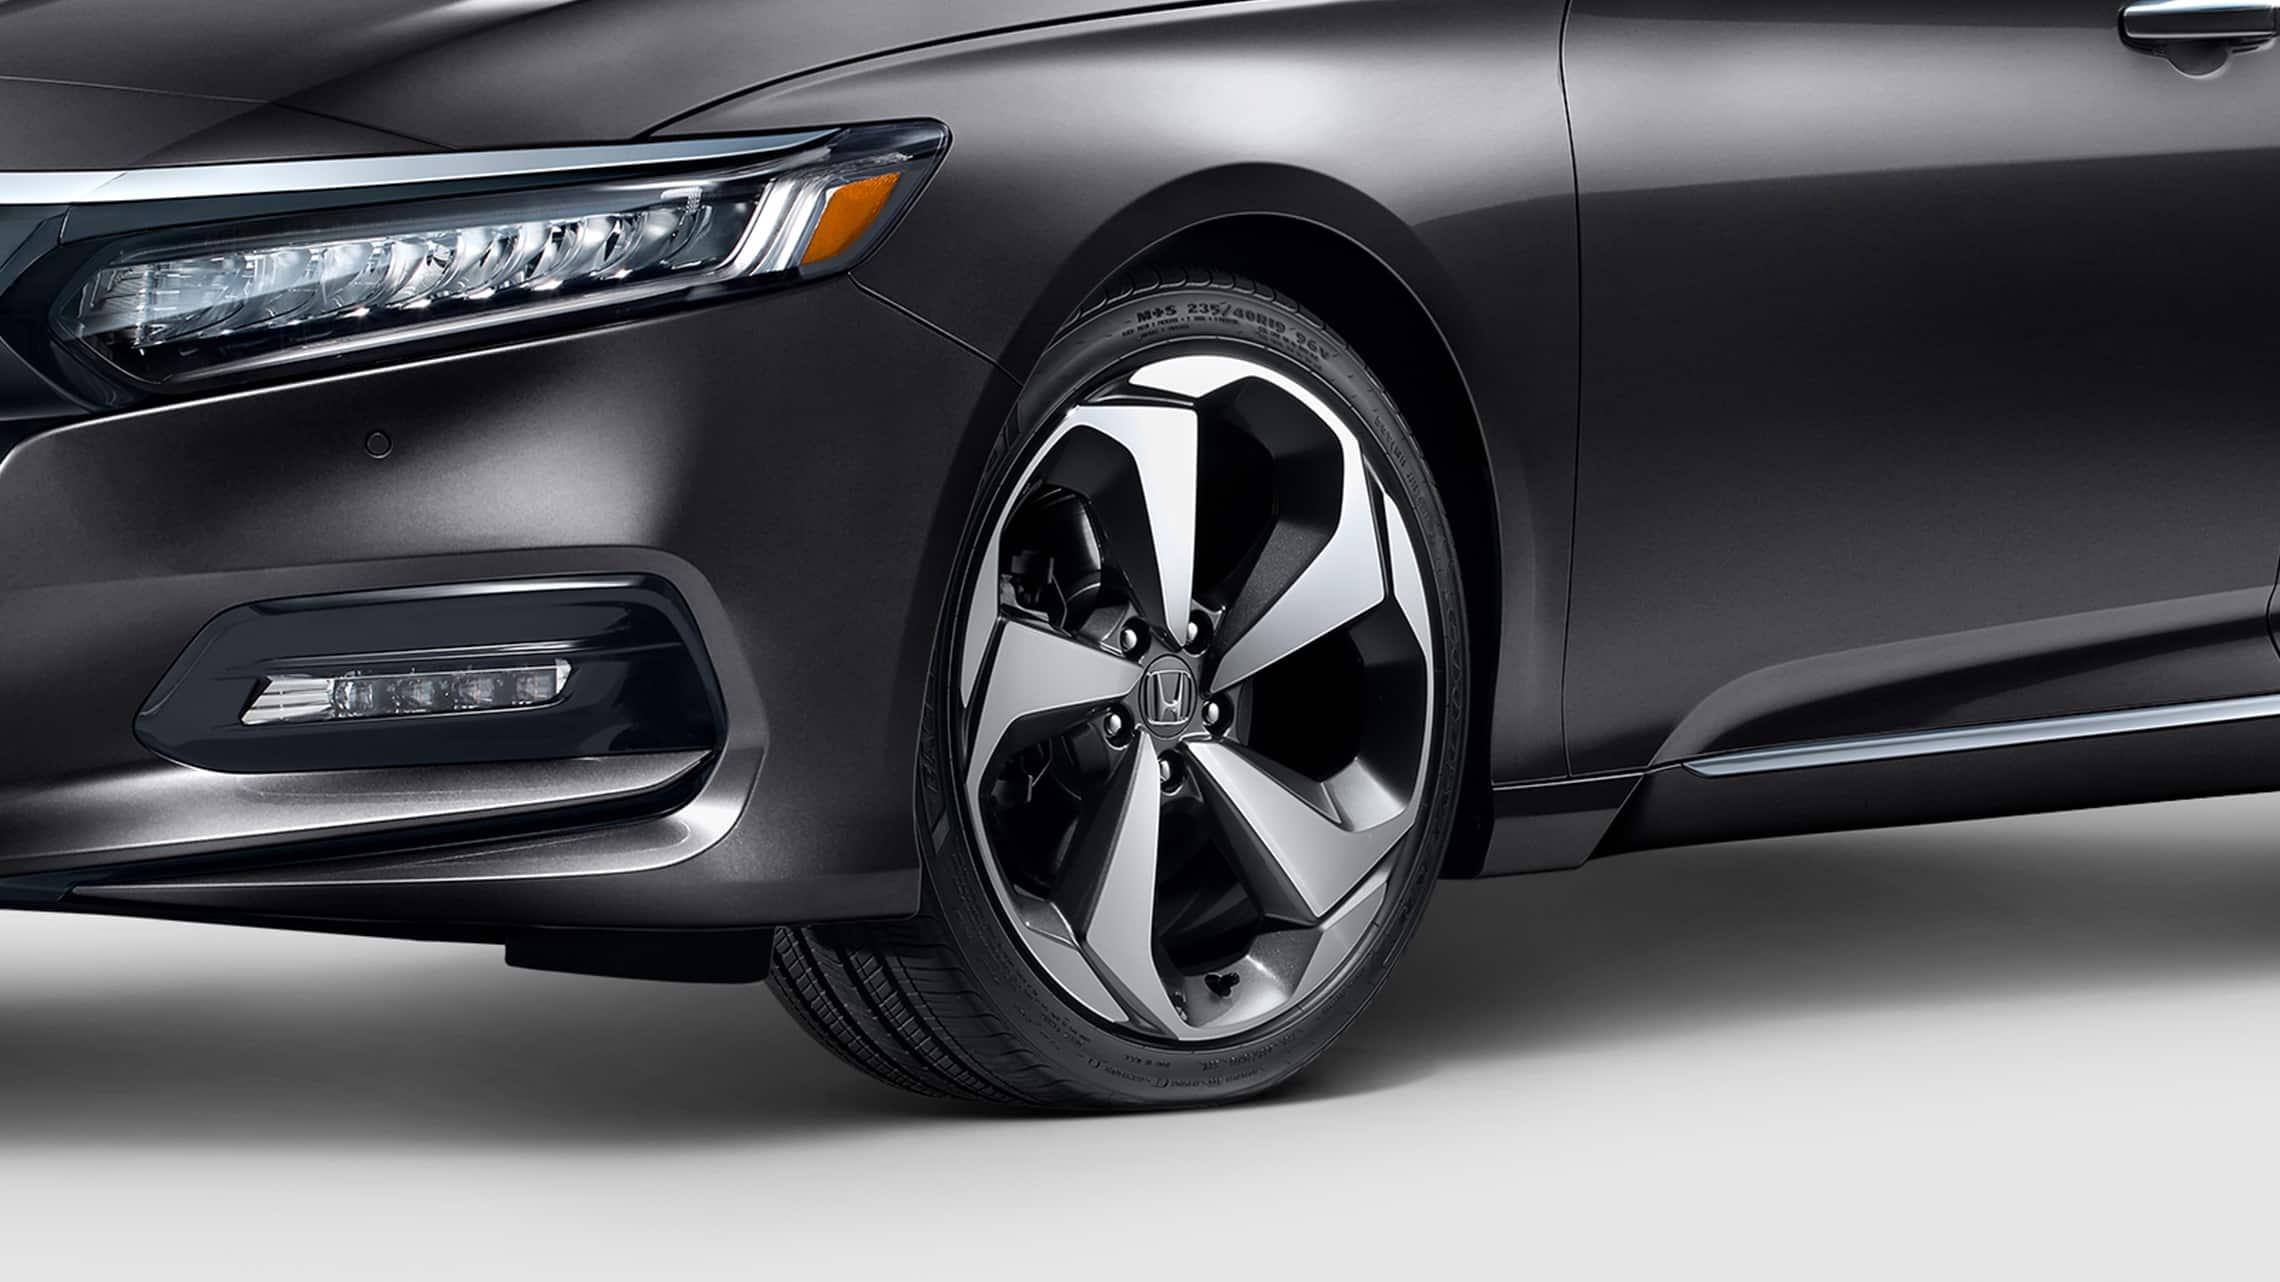 Detalle de la rueda de aleación de 19pulgadas en el Honda Accord Touring2.0T2020 en Modern Steel Metallic.